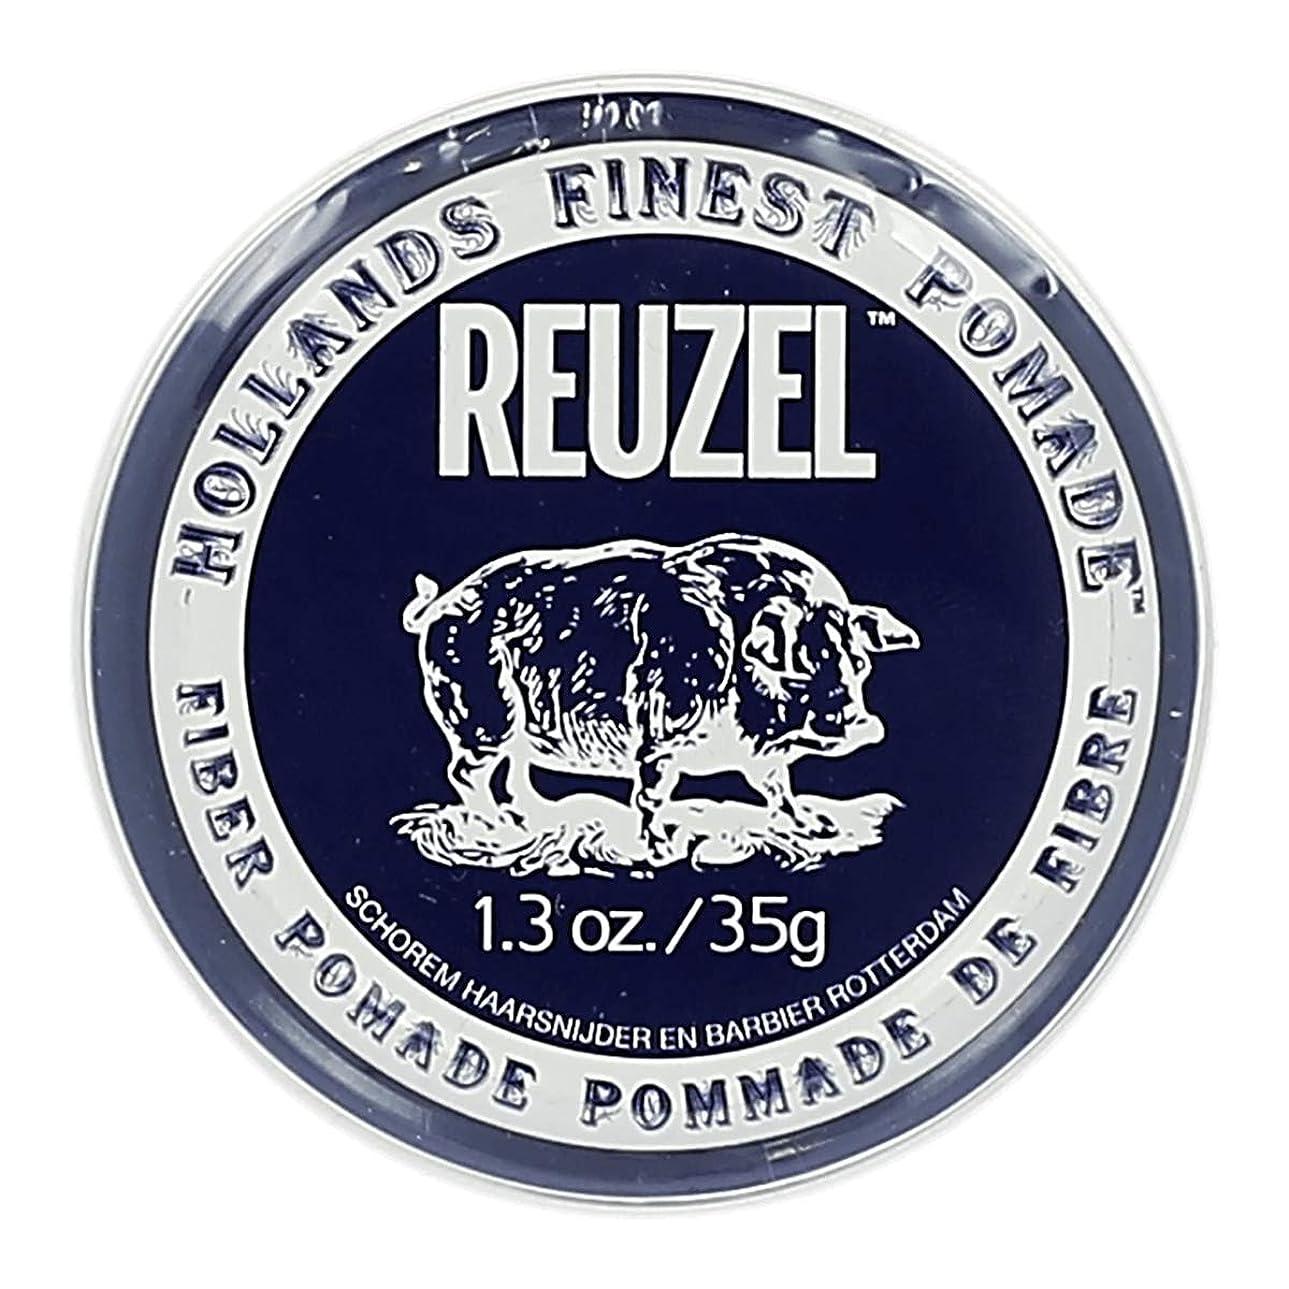 極小分解する階ルーゾー ネイビー ファイバー ポマード Reuzel Navy Fiber Pomade 35 g [並行輸入品]